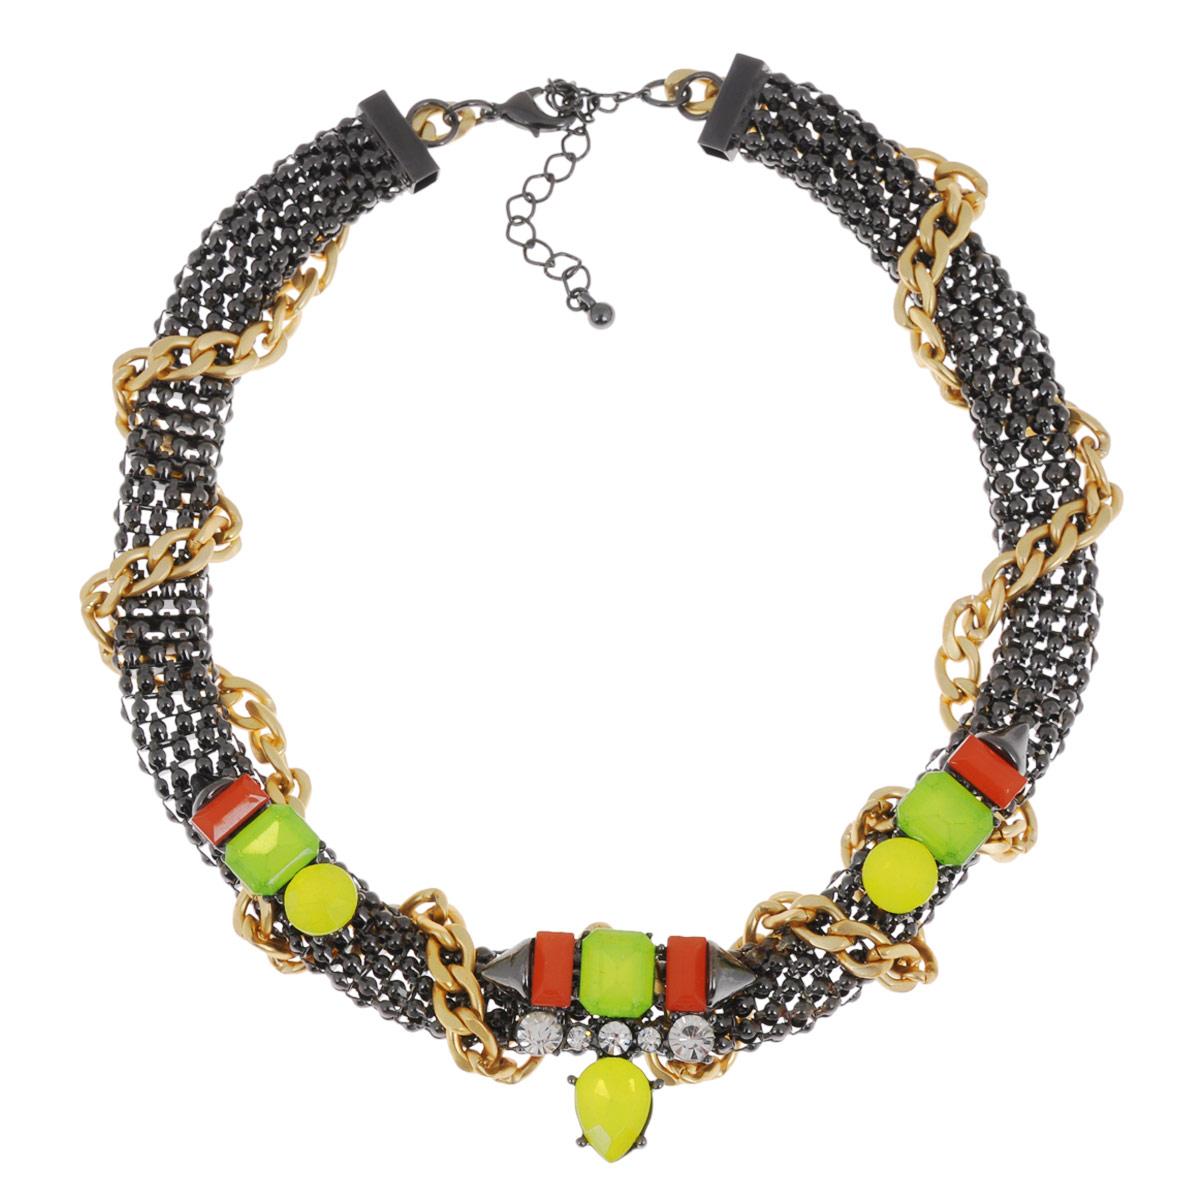 Колье Avgad, цвет: антрацитовый, зеленый, оранжевый. H-477S824H-477S824Элегантное ожерелье Avgad выполнено из ювелирного сплава и дополнено тремя оригинальными элементами, которые оформлены вставками из ювелирного стекла. Ожерелье застегивается на практичный замок-карабин, длина изделия регулируется за счет дополнительных звеньев. Такое ожерелье позволит вам с легкостью воплотить самую смелую фантазию и создать собственный, неповторимый образ.